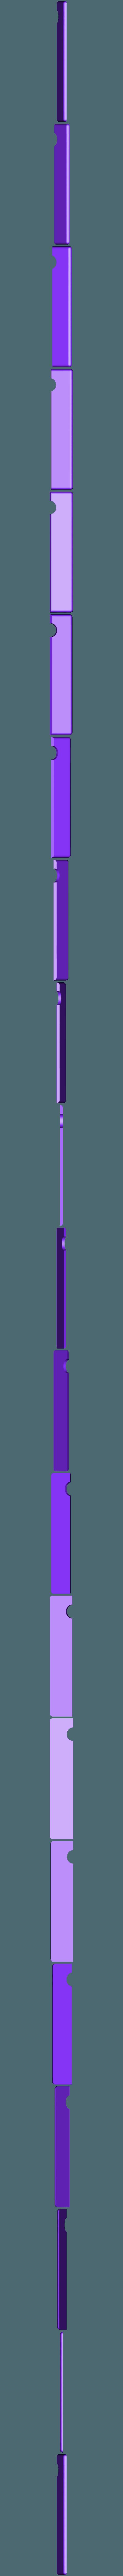 Forearm-Right-White.stl Télécharger fichier STL gratuit Big Optimus Prime! - Modèle multi-matériaux • Plan pour imprimante 3D, ChaosCoreTech